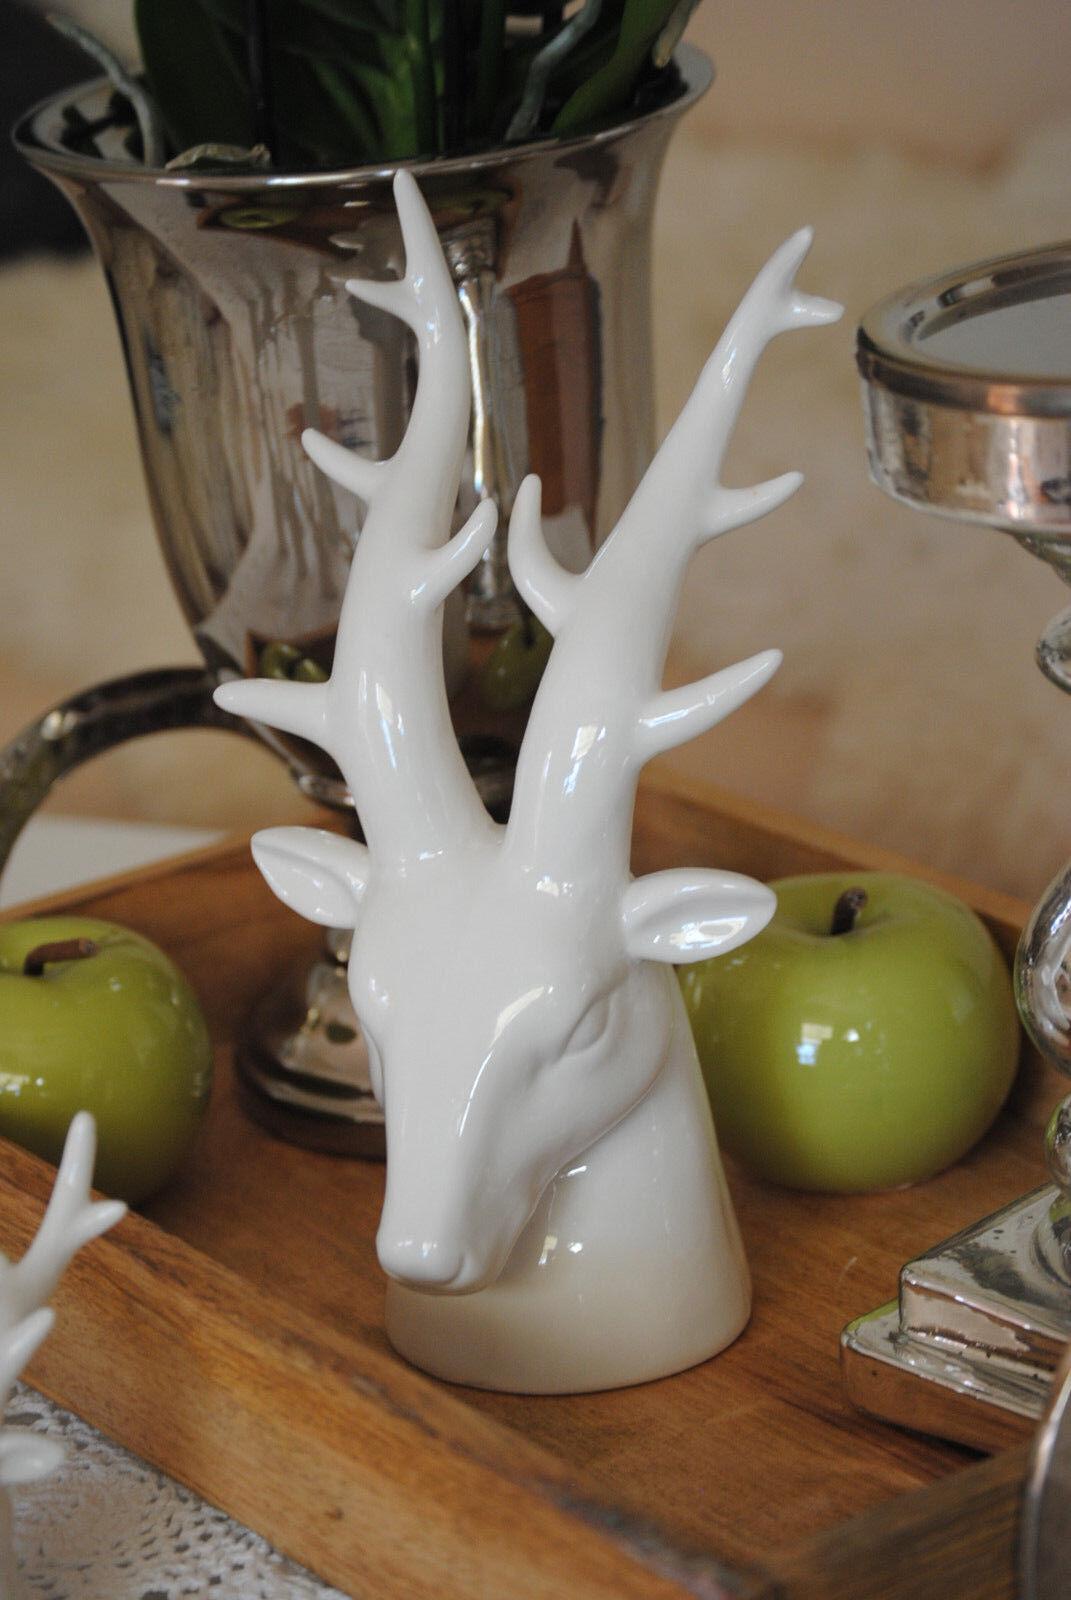 Tisch Dekofigur Hirschgeweih Hirschkopf Geweih Skulptur Porzellan weiß groß